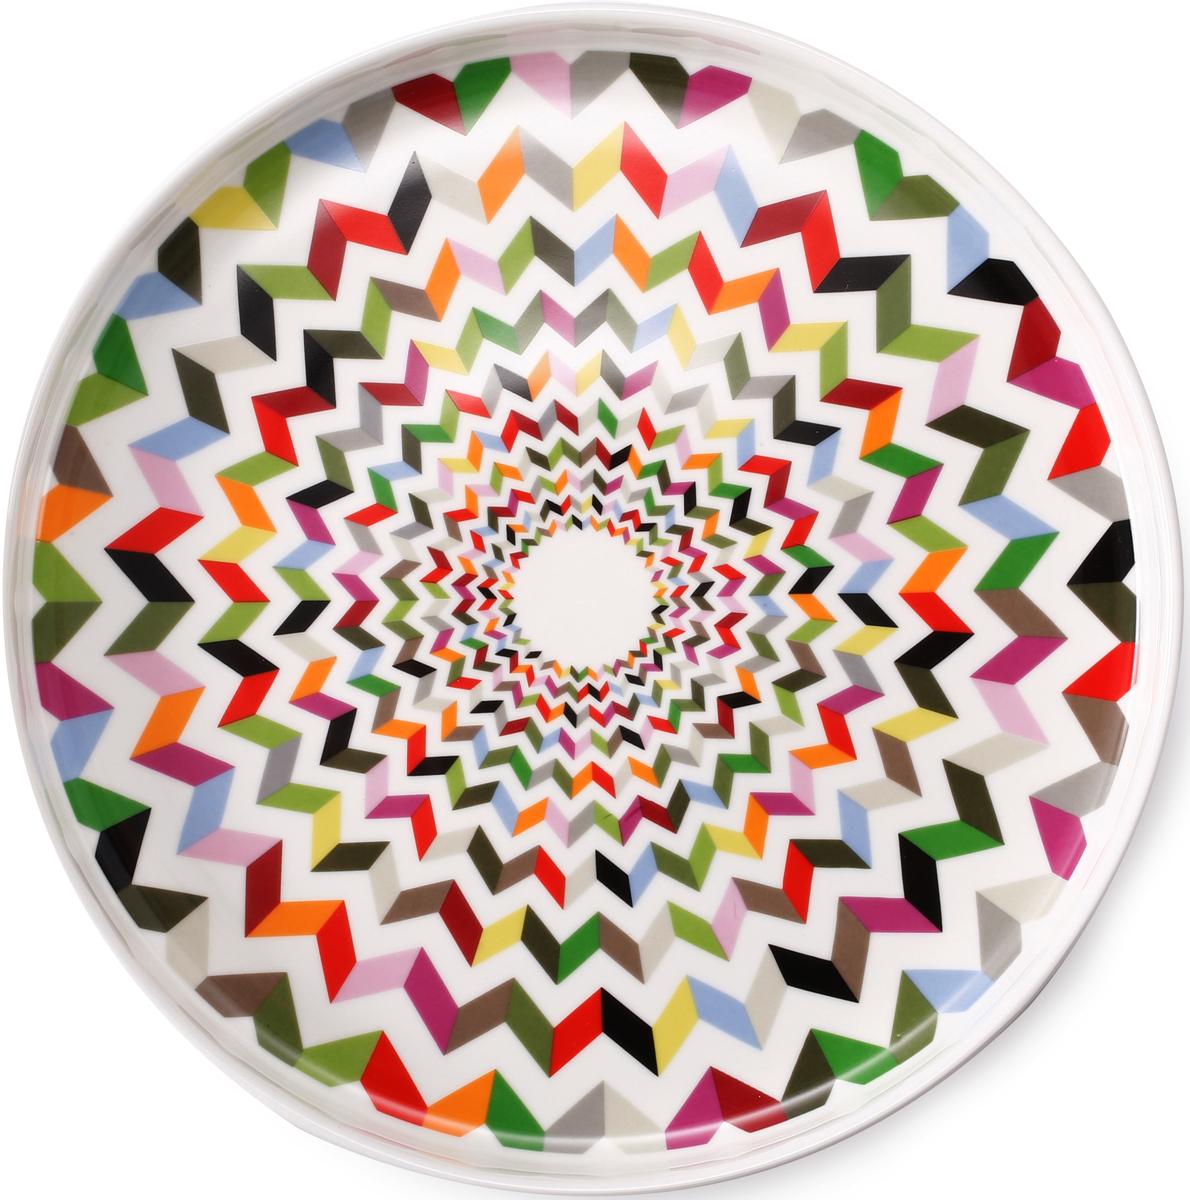 Сервировочное блюдо круглой формы привлекает внимание ярким и необычным дизайном. Выполнено из керамики, без использования примесей, наносящих вред здоровью. Подходит как для ежедневного применения, так и для торжественных случаев.